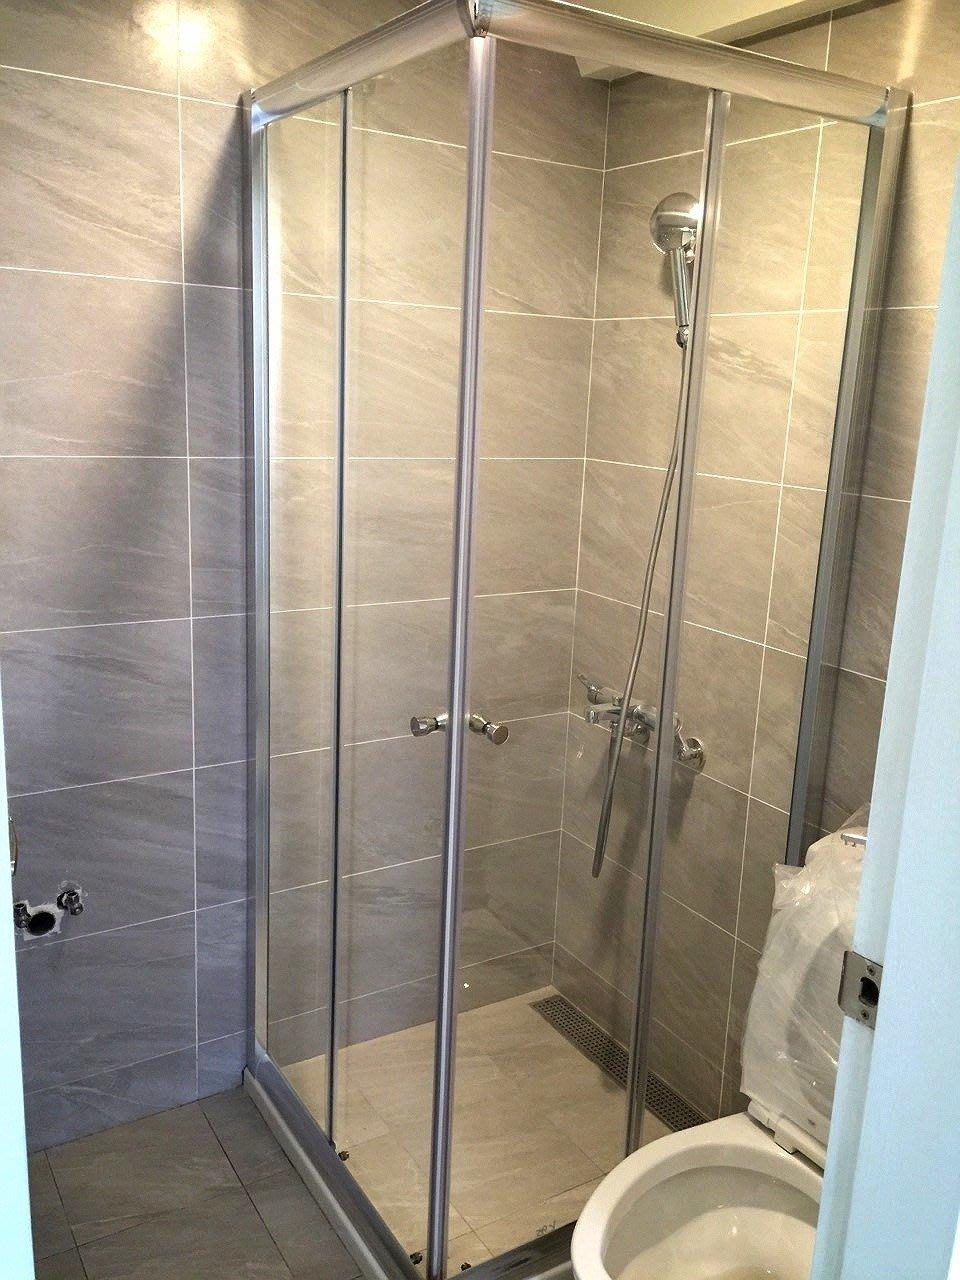 【奧斯卡衛浴】乾溼分離 極緻亮銀簡框2門2固直角雙門對開 (非塑膠體輪子) 淋浴拉門 含丈量、安裝